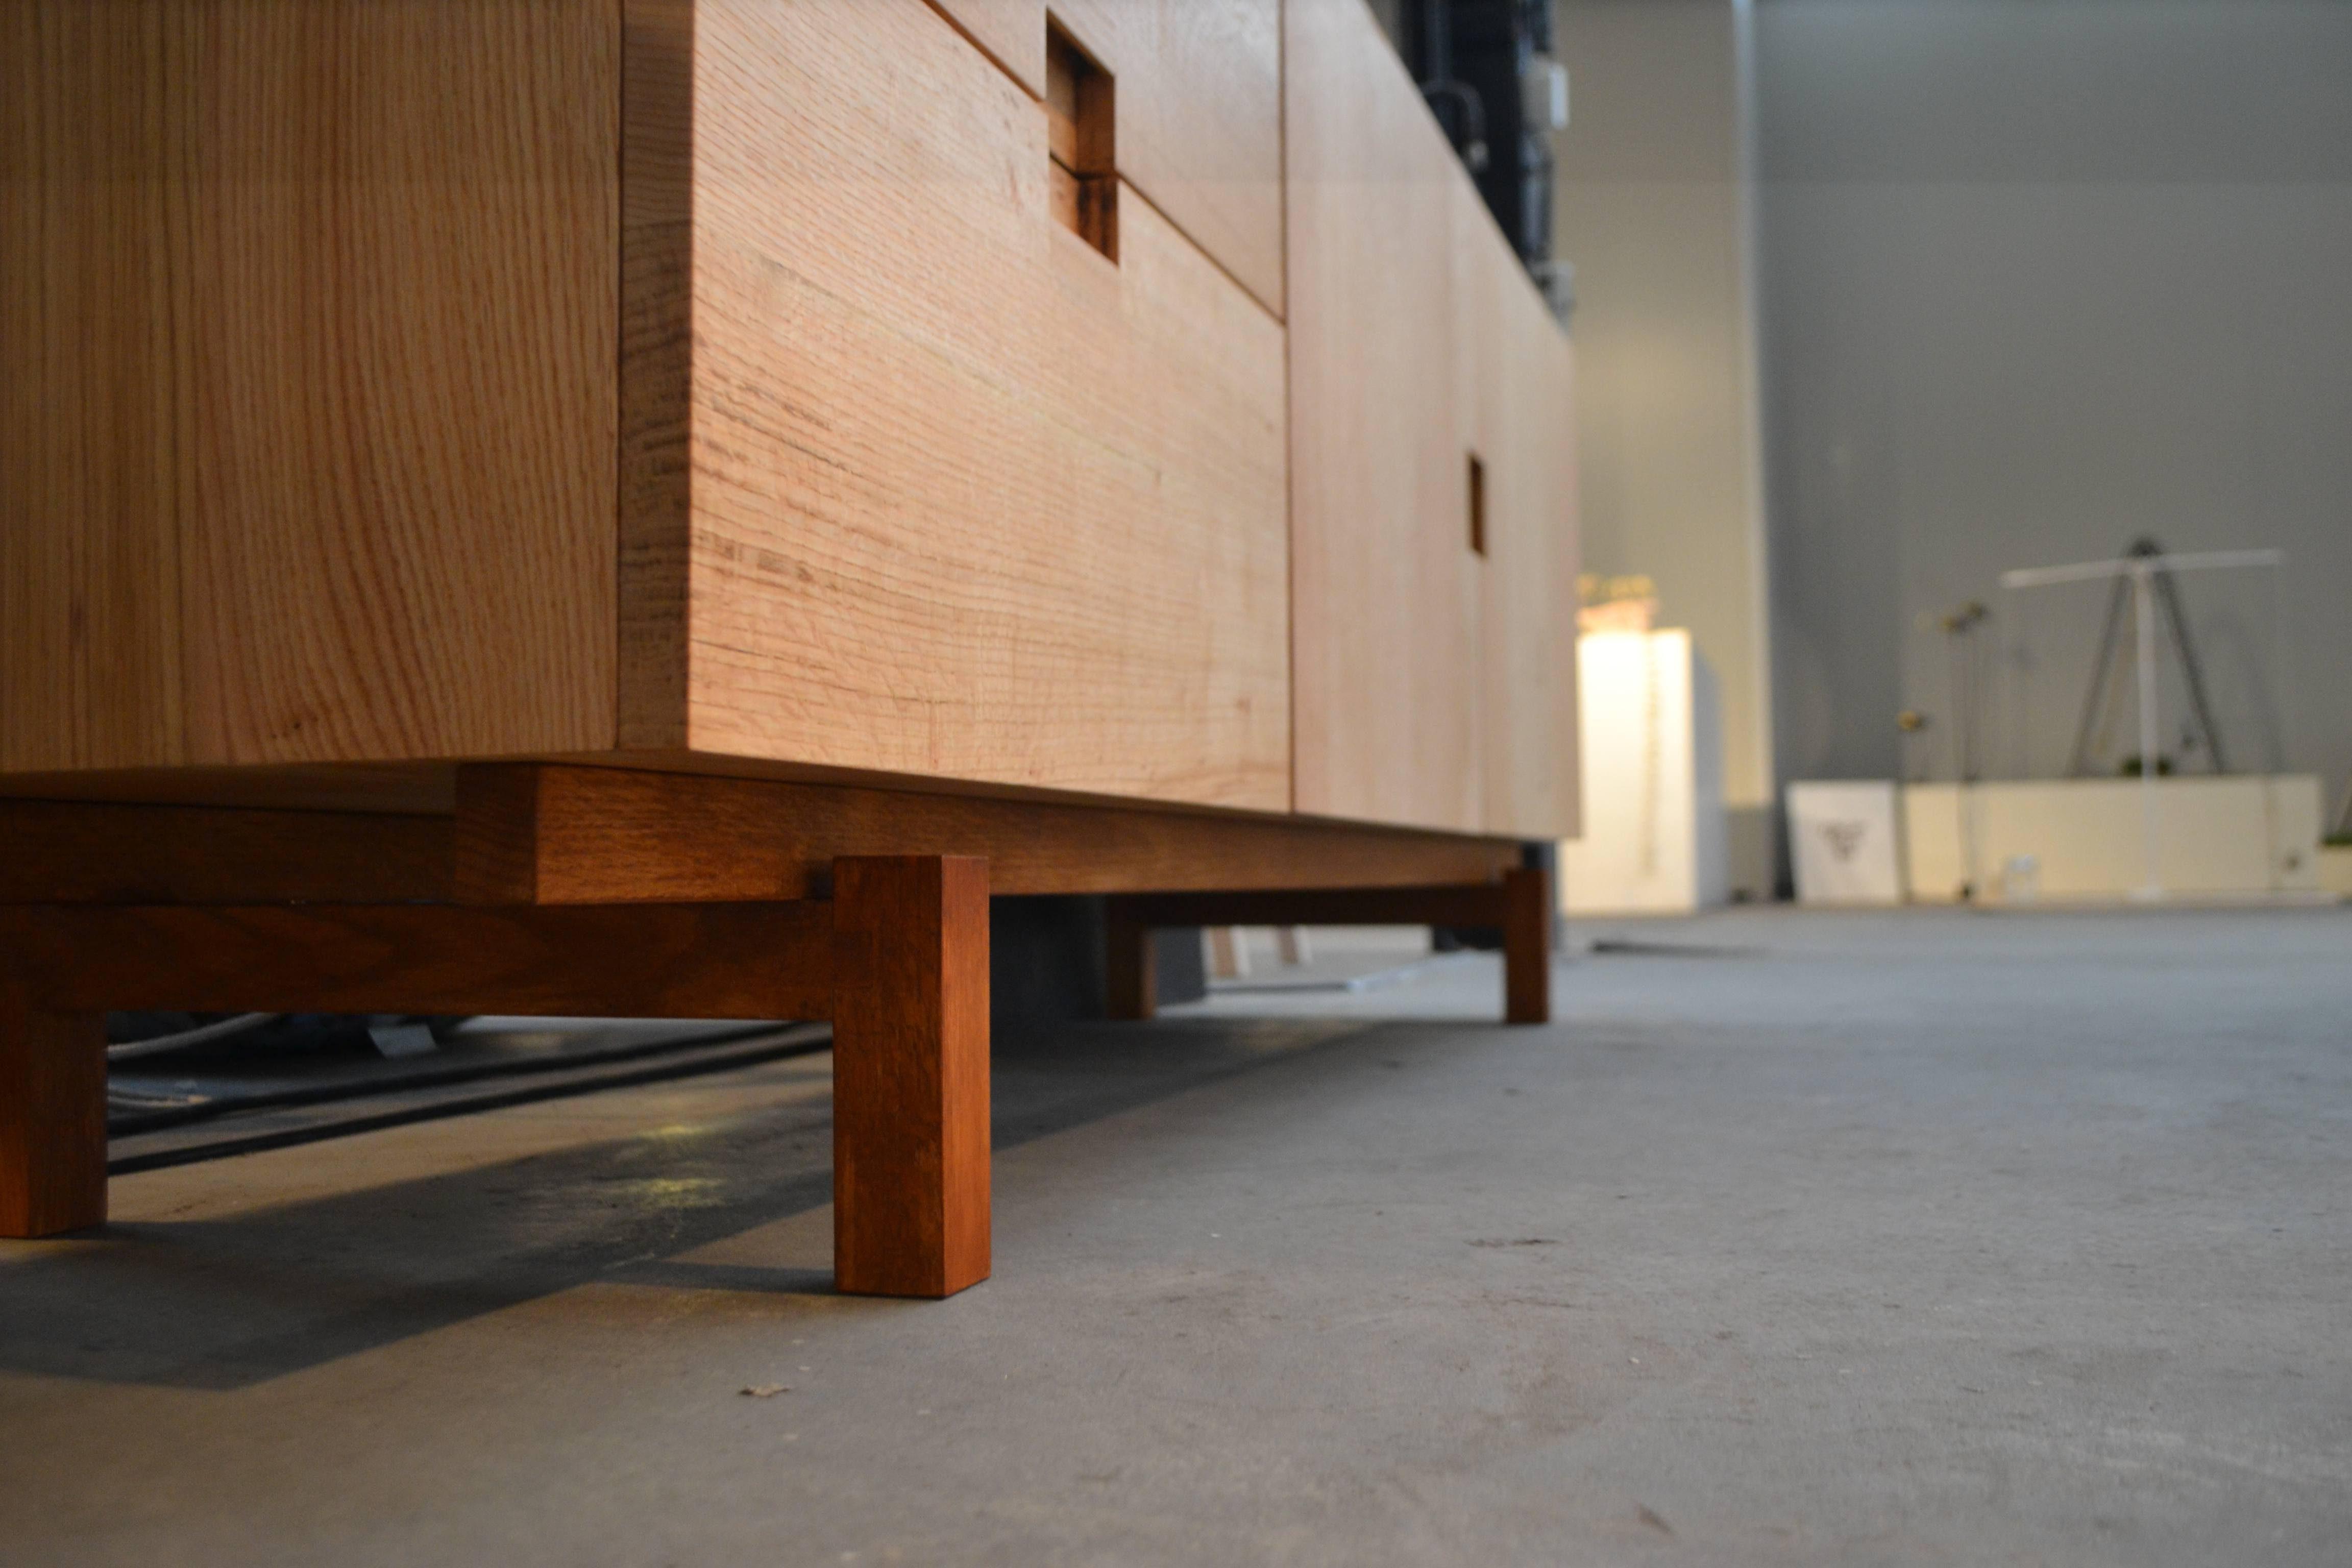 #Meubelmaker  #Eindhoven  #meubelmakerij #interieuropmaat #interieurbouw #meubelsopmaat #DutchDesignWeek #meubelsopmaat #Handgemaakt #tafelopmaat #kastopmaat #dressoiropmaat #amsterdam #houtenkeukensopmaat #Houtentafelopmaat #meubelontwerp #handgemaaktekeukens #houtenmeubels #maatwerkkeukens